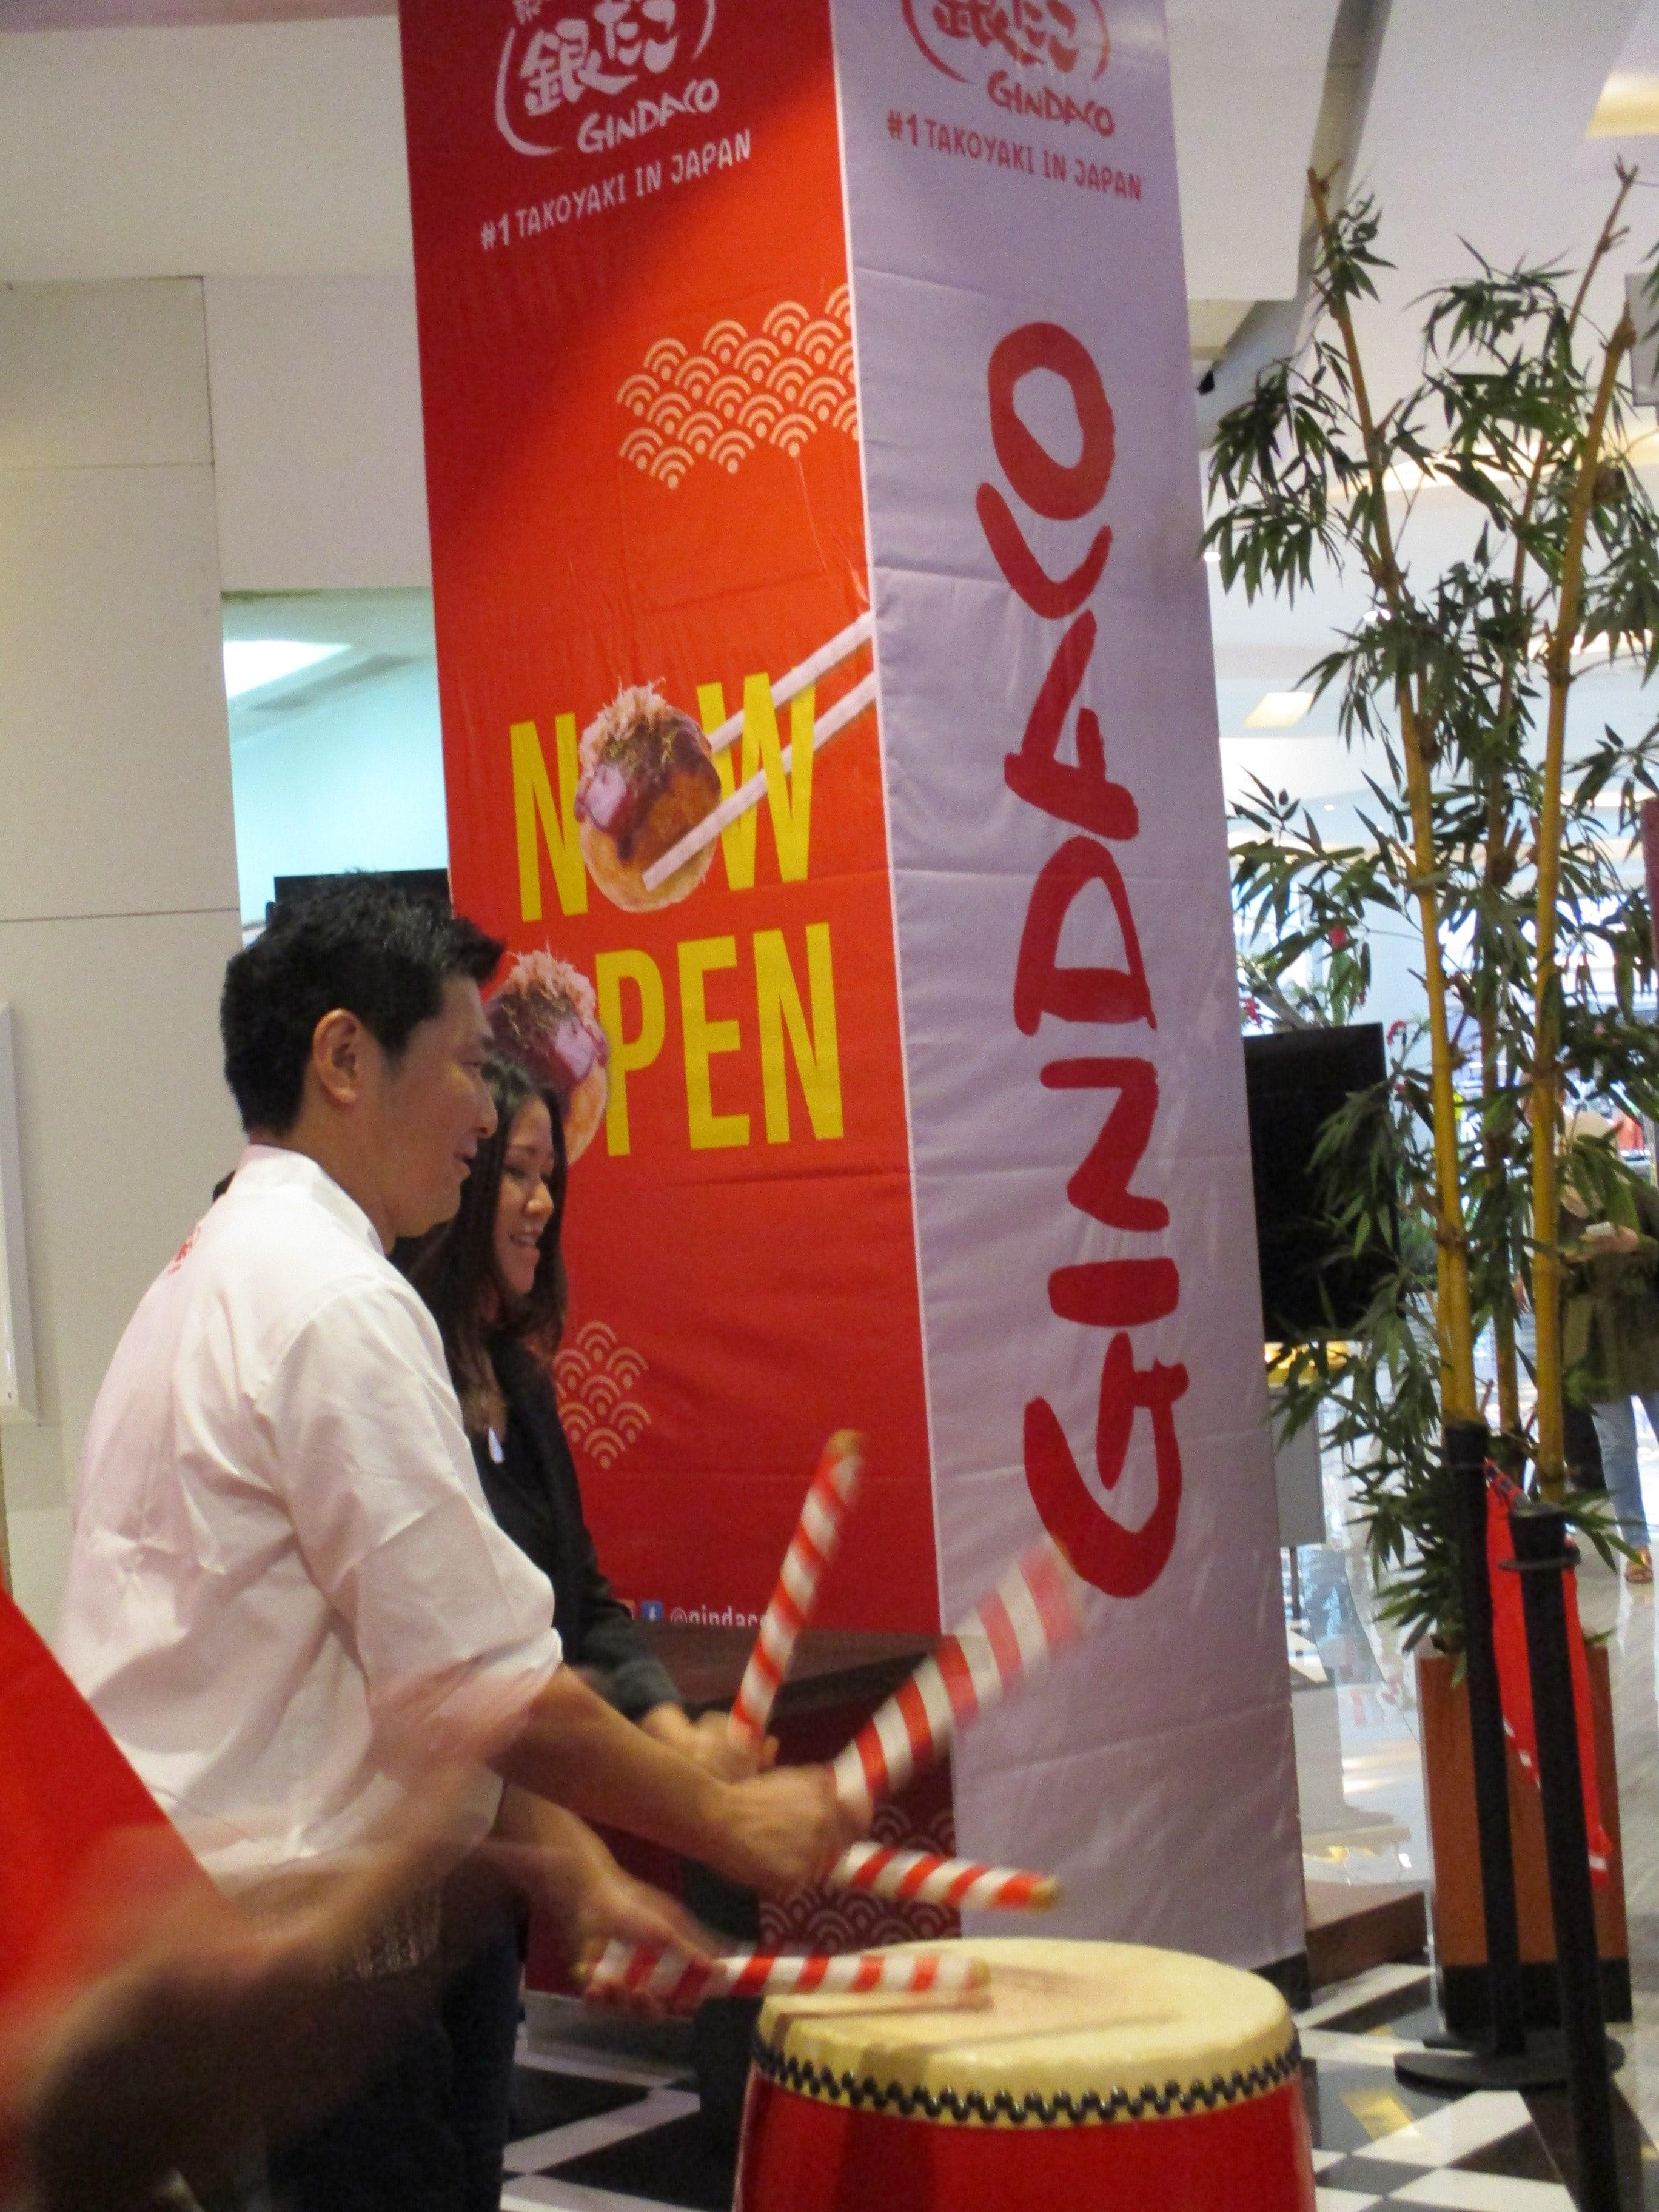 Kawan Lama Retail Hadirkan Gindaco ke Indonesia, Takoyaki Paling Populer di Jepang